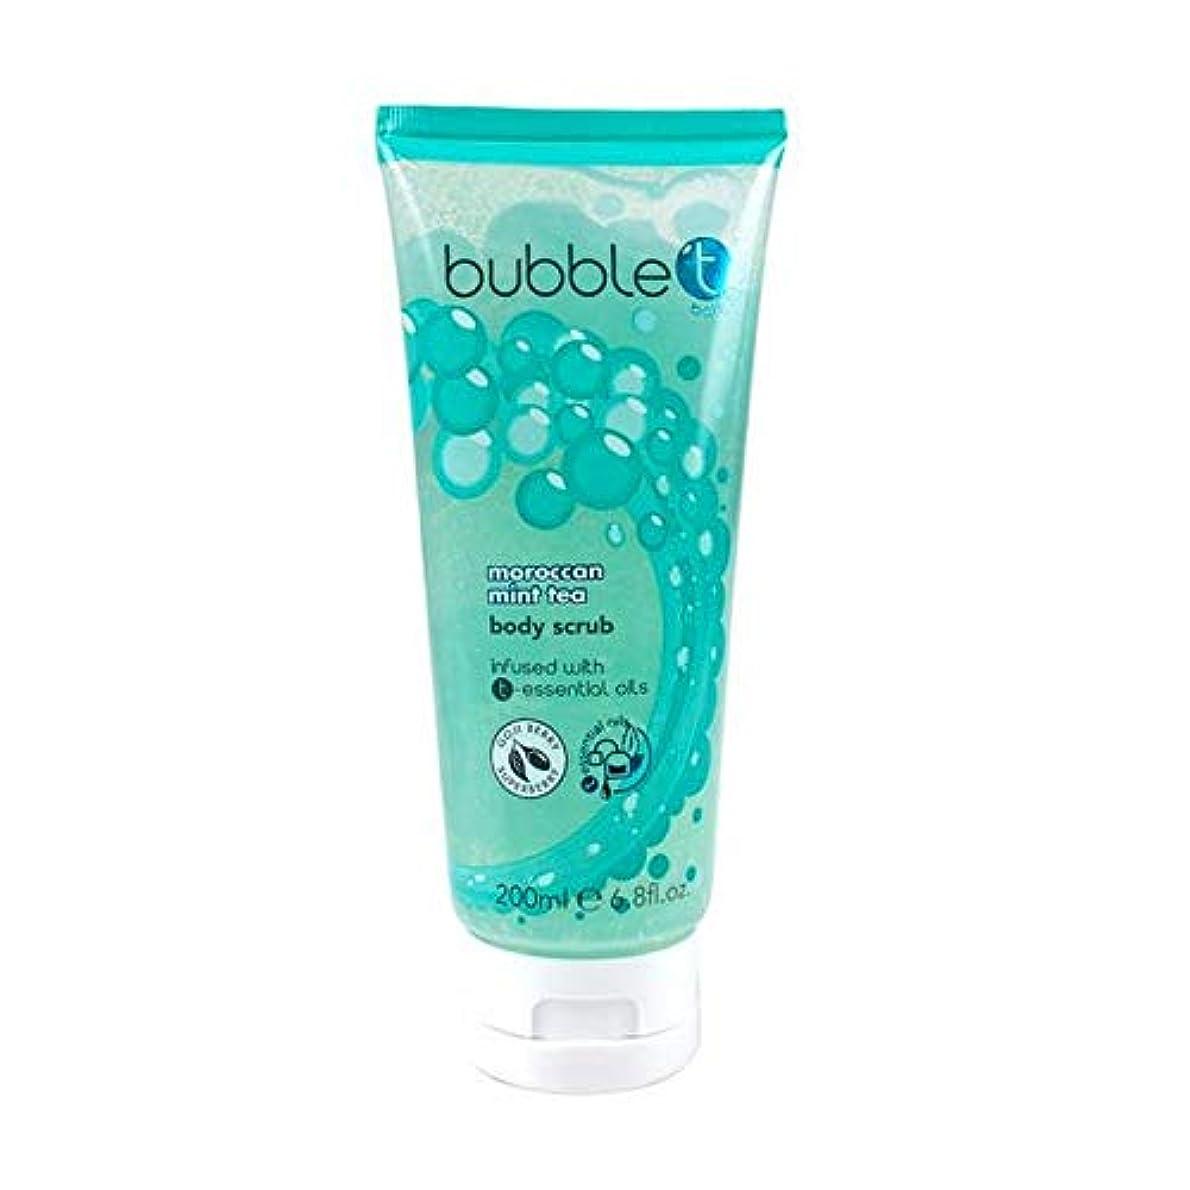 針わざわざインタラクション[Bubble T ] バブルトン化粧品モロッコのミントティーボディスクラブ200ミリリットル - Bubble T Cosmetics Moroccan Mint Tea Body Scrub 200ml [並行輸入品]